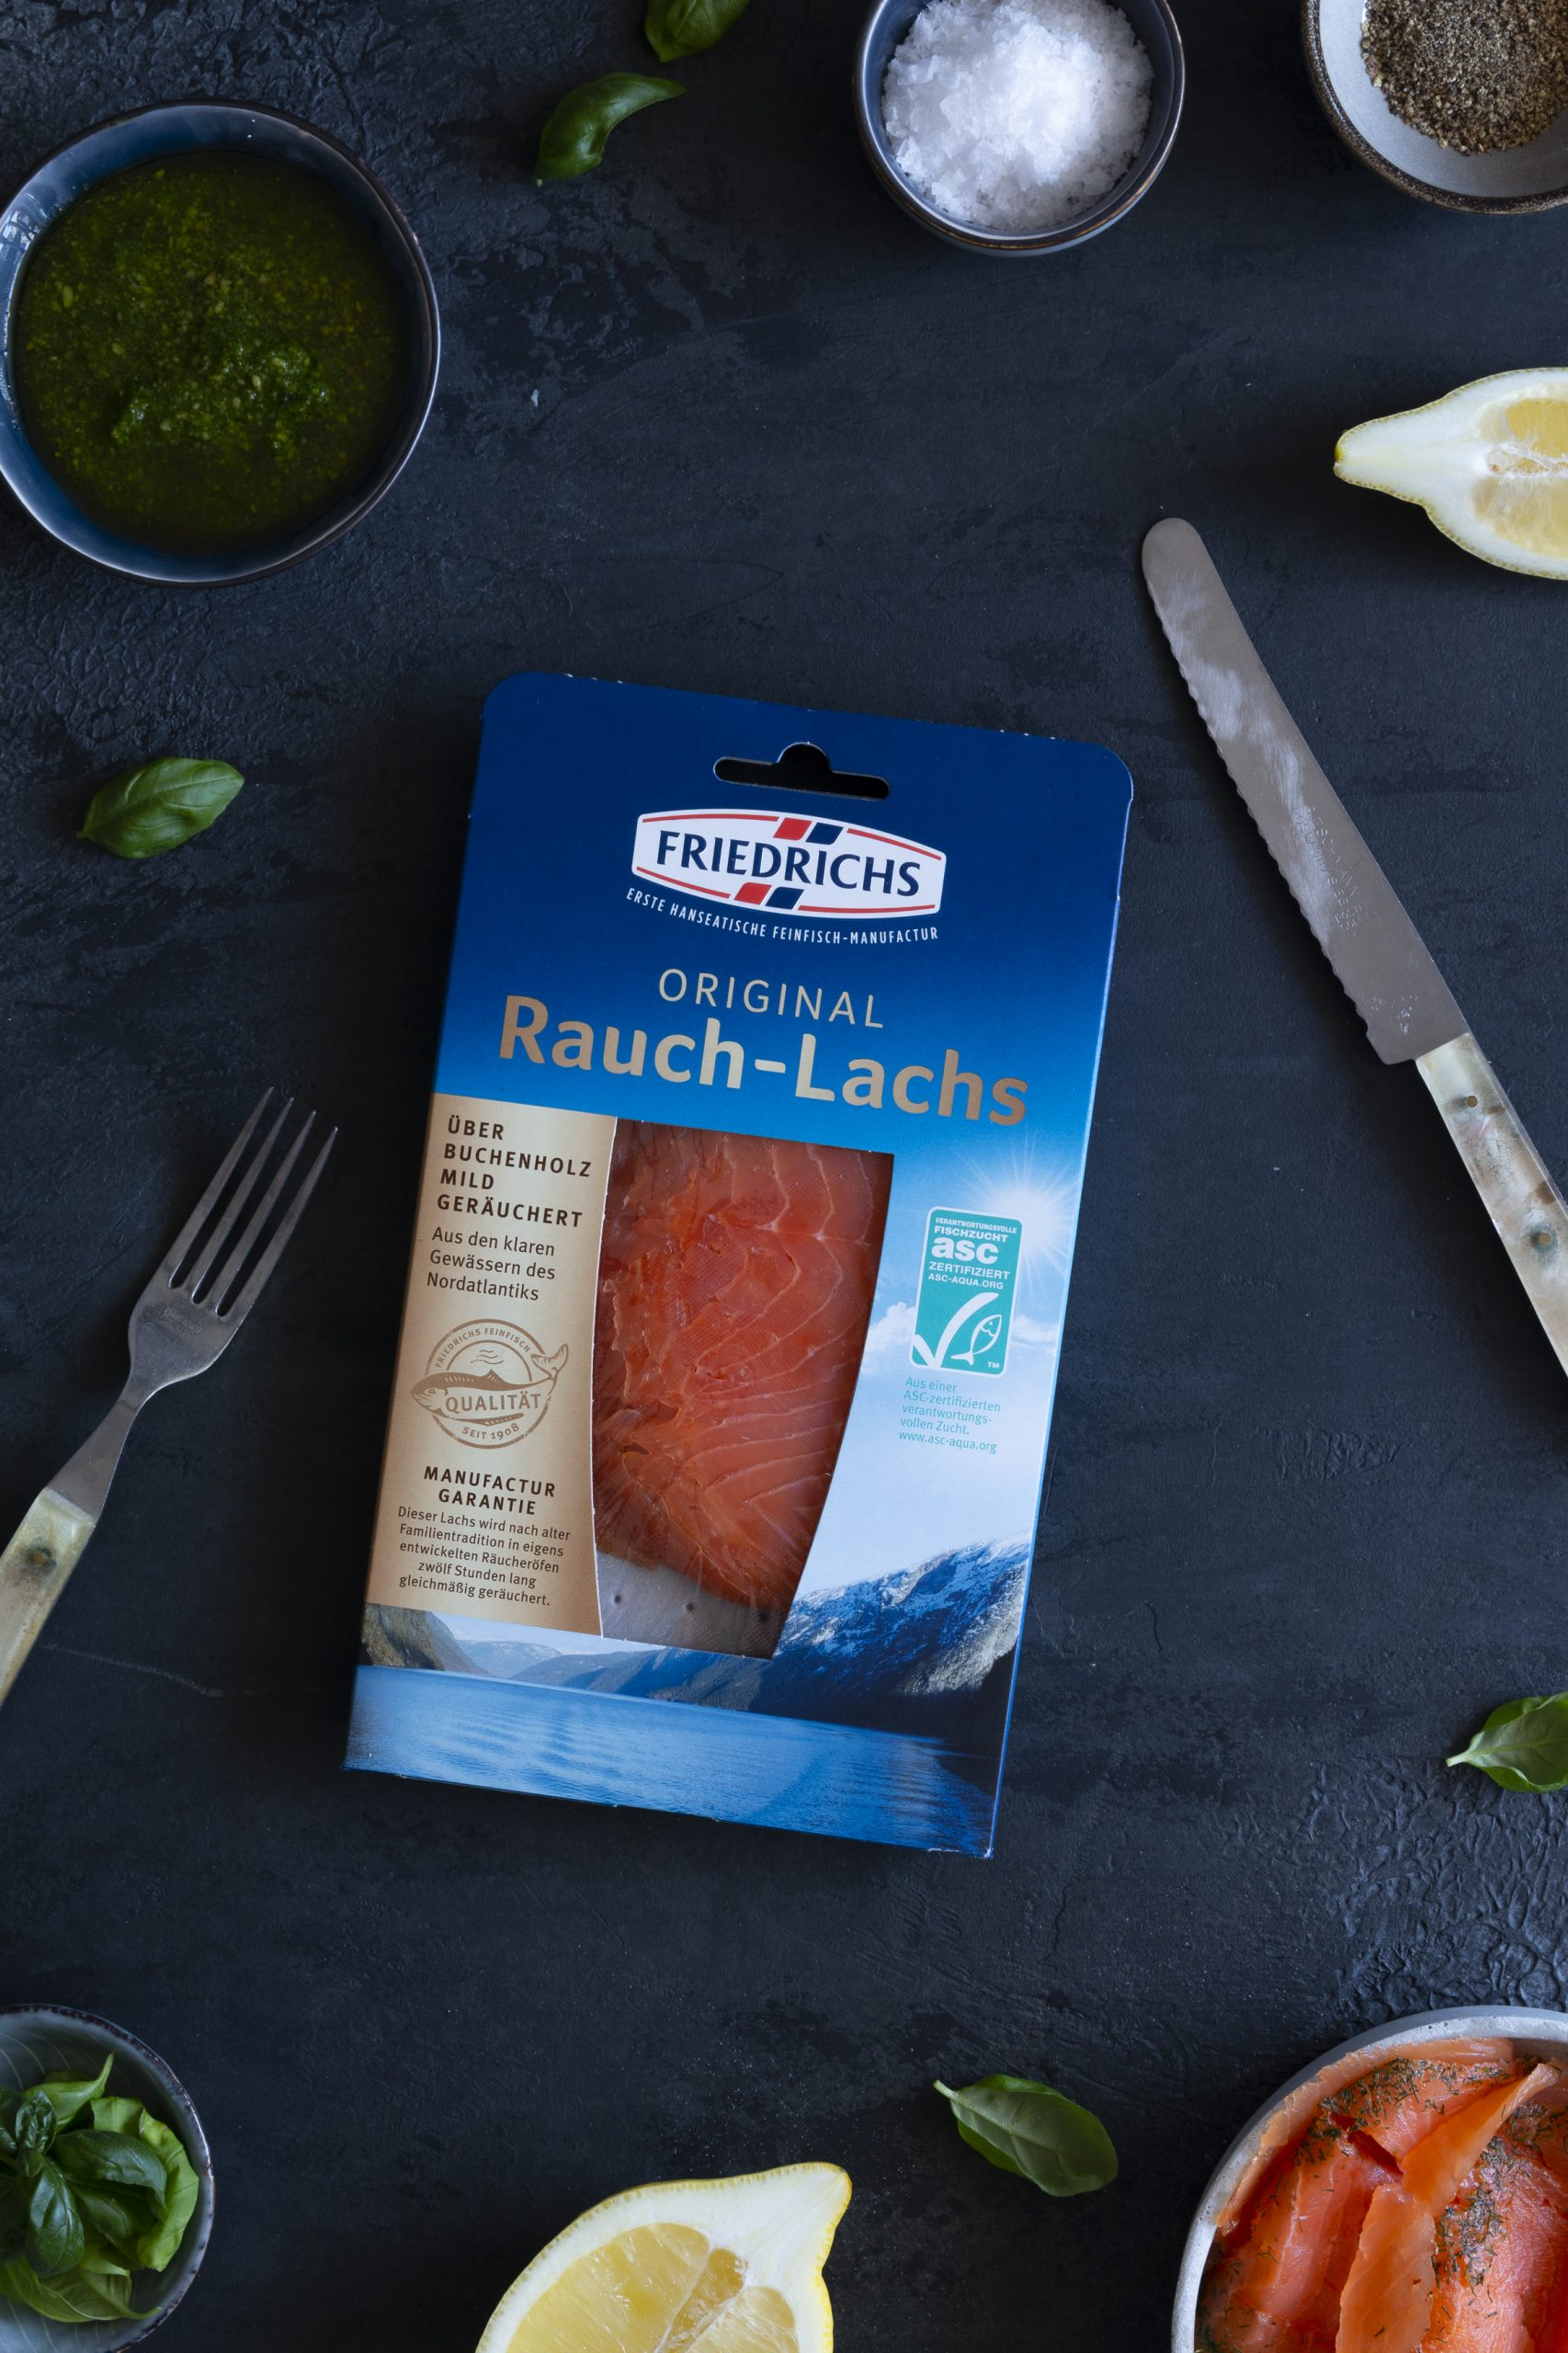 Räucherlachsfrikadellen_FRIEDRICHS_Original_RauchLachs.jpg_Produktfoto